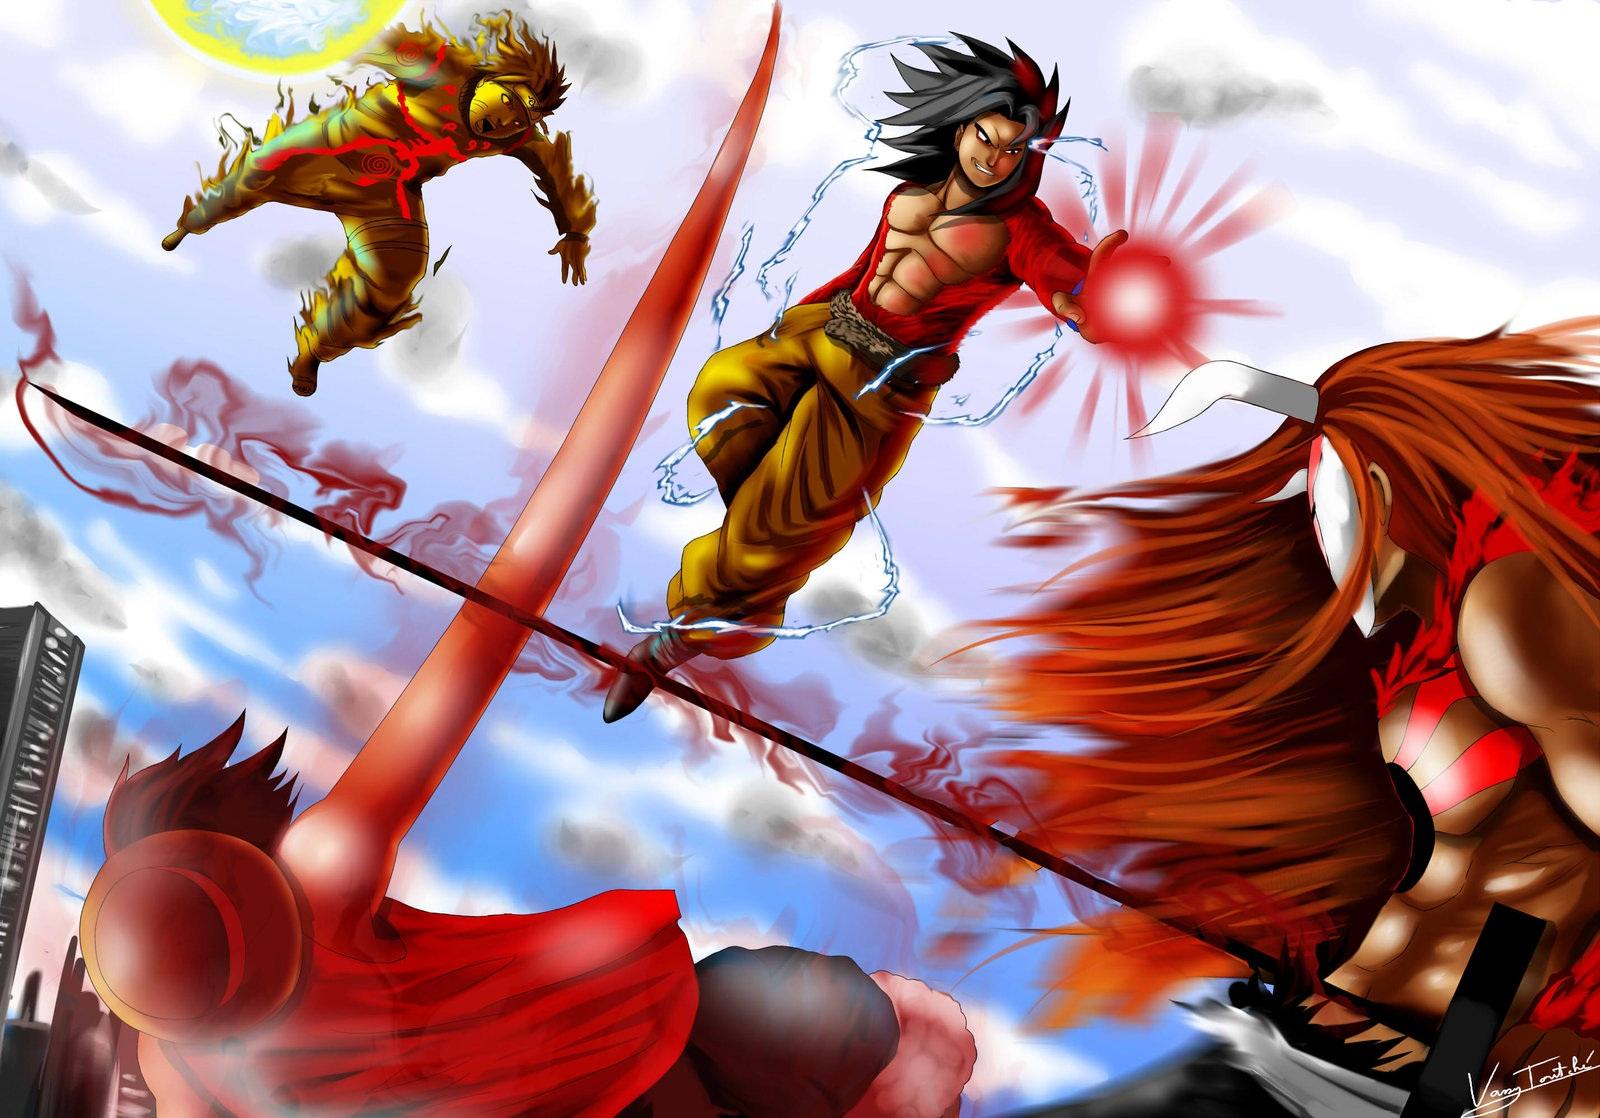 Goku VS Naruto Luffy Ichigo wallpaper   ForWallpapercom 1600x1118